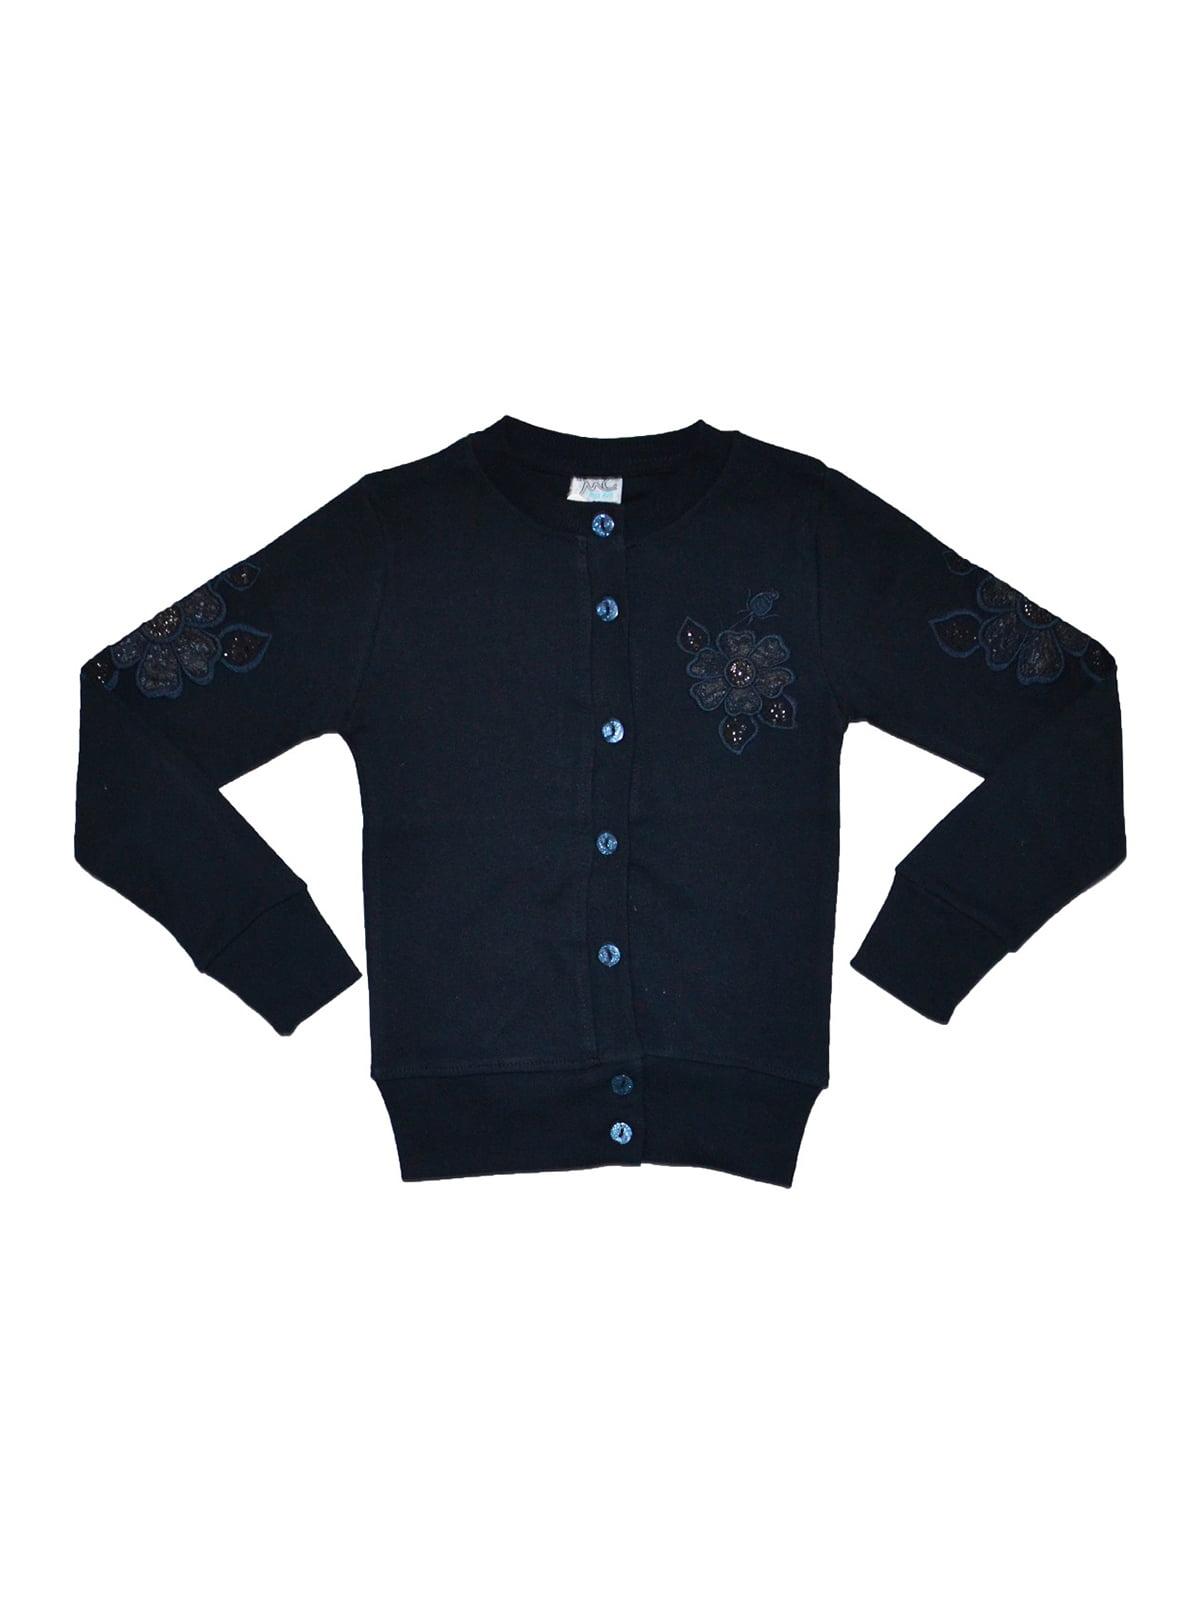 Кофта темно-синя з вишивкою | 5168607